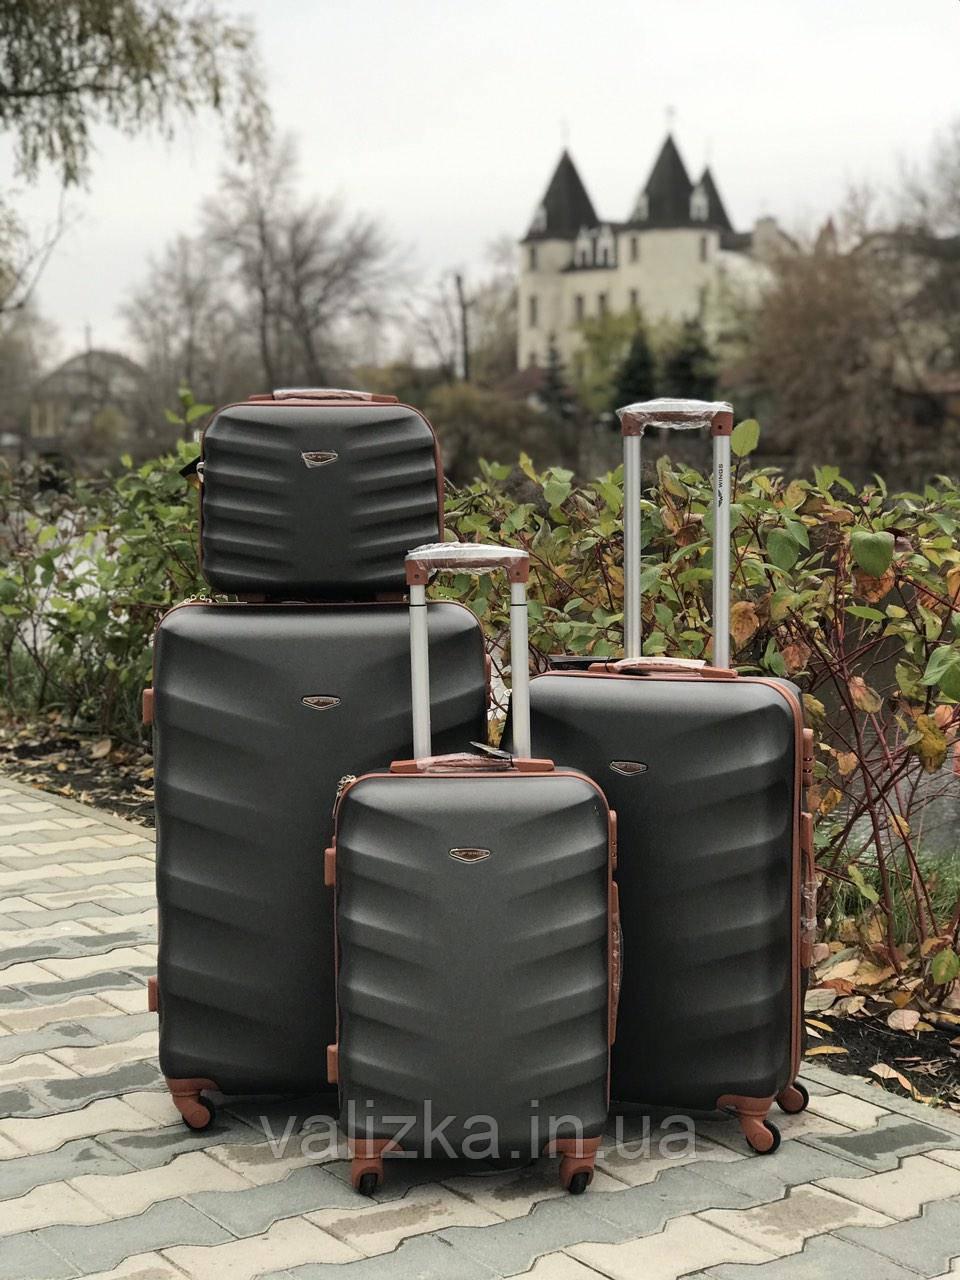 Комплект чемоданов пластиковых 3 штуки мини, средний, большой Wings с кофейной фурнитурой графит